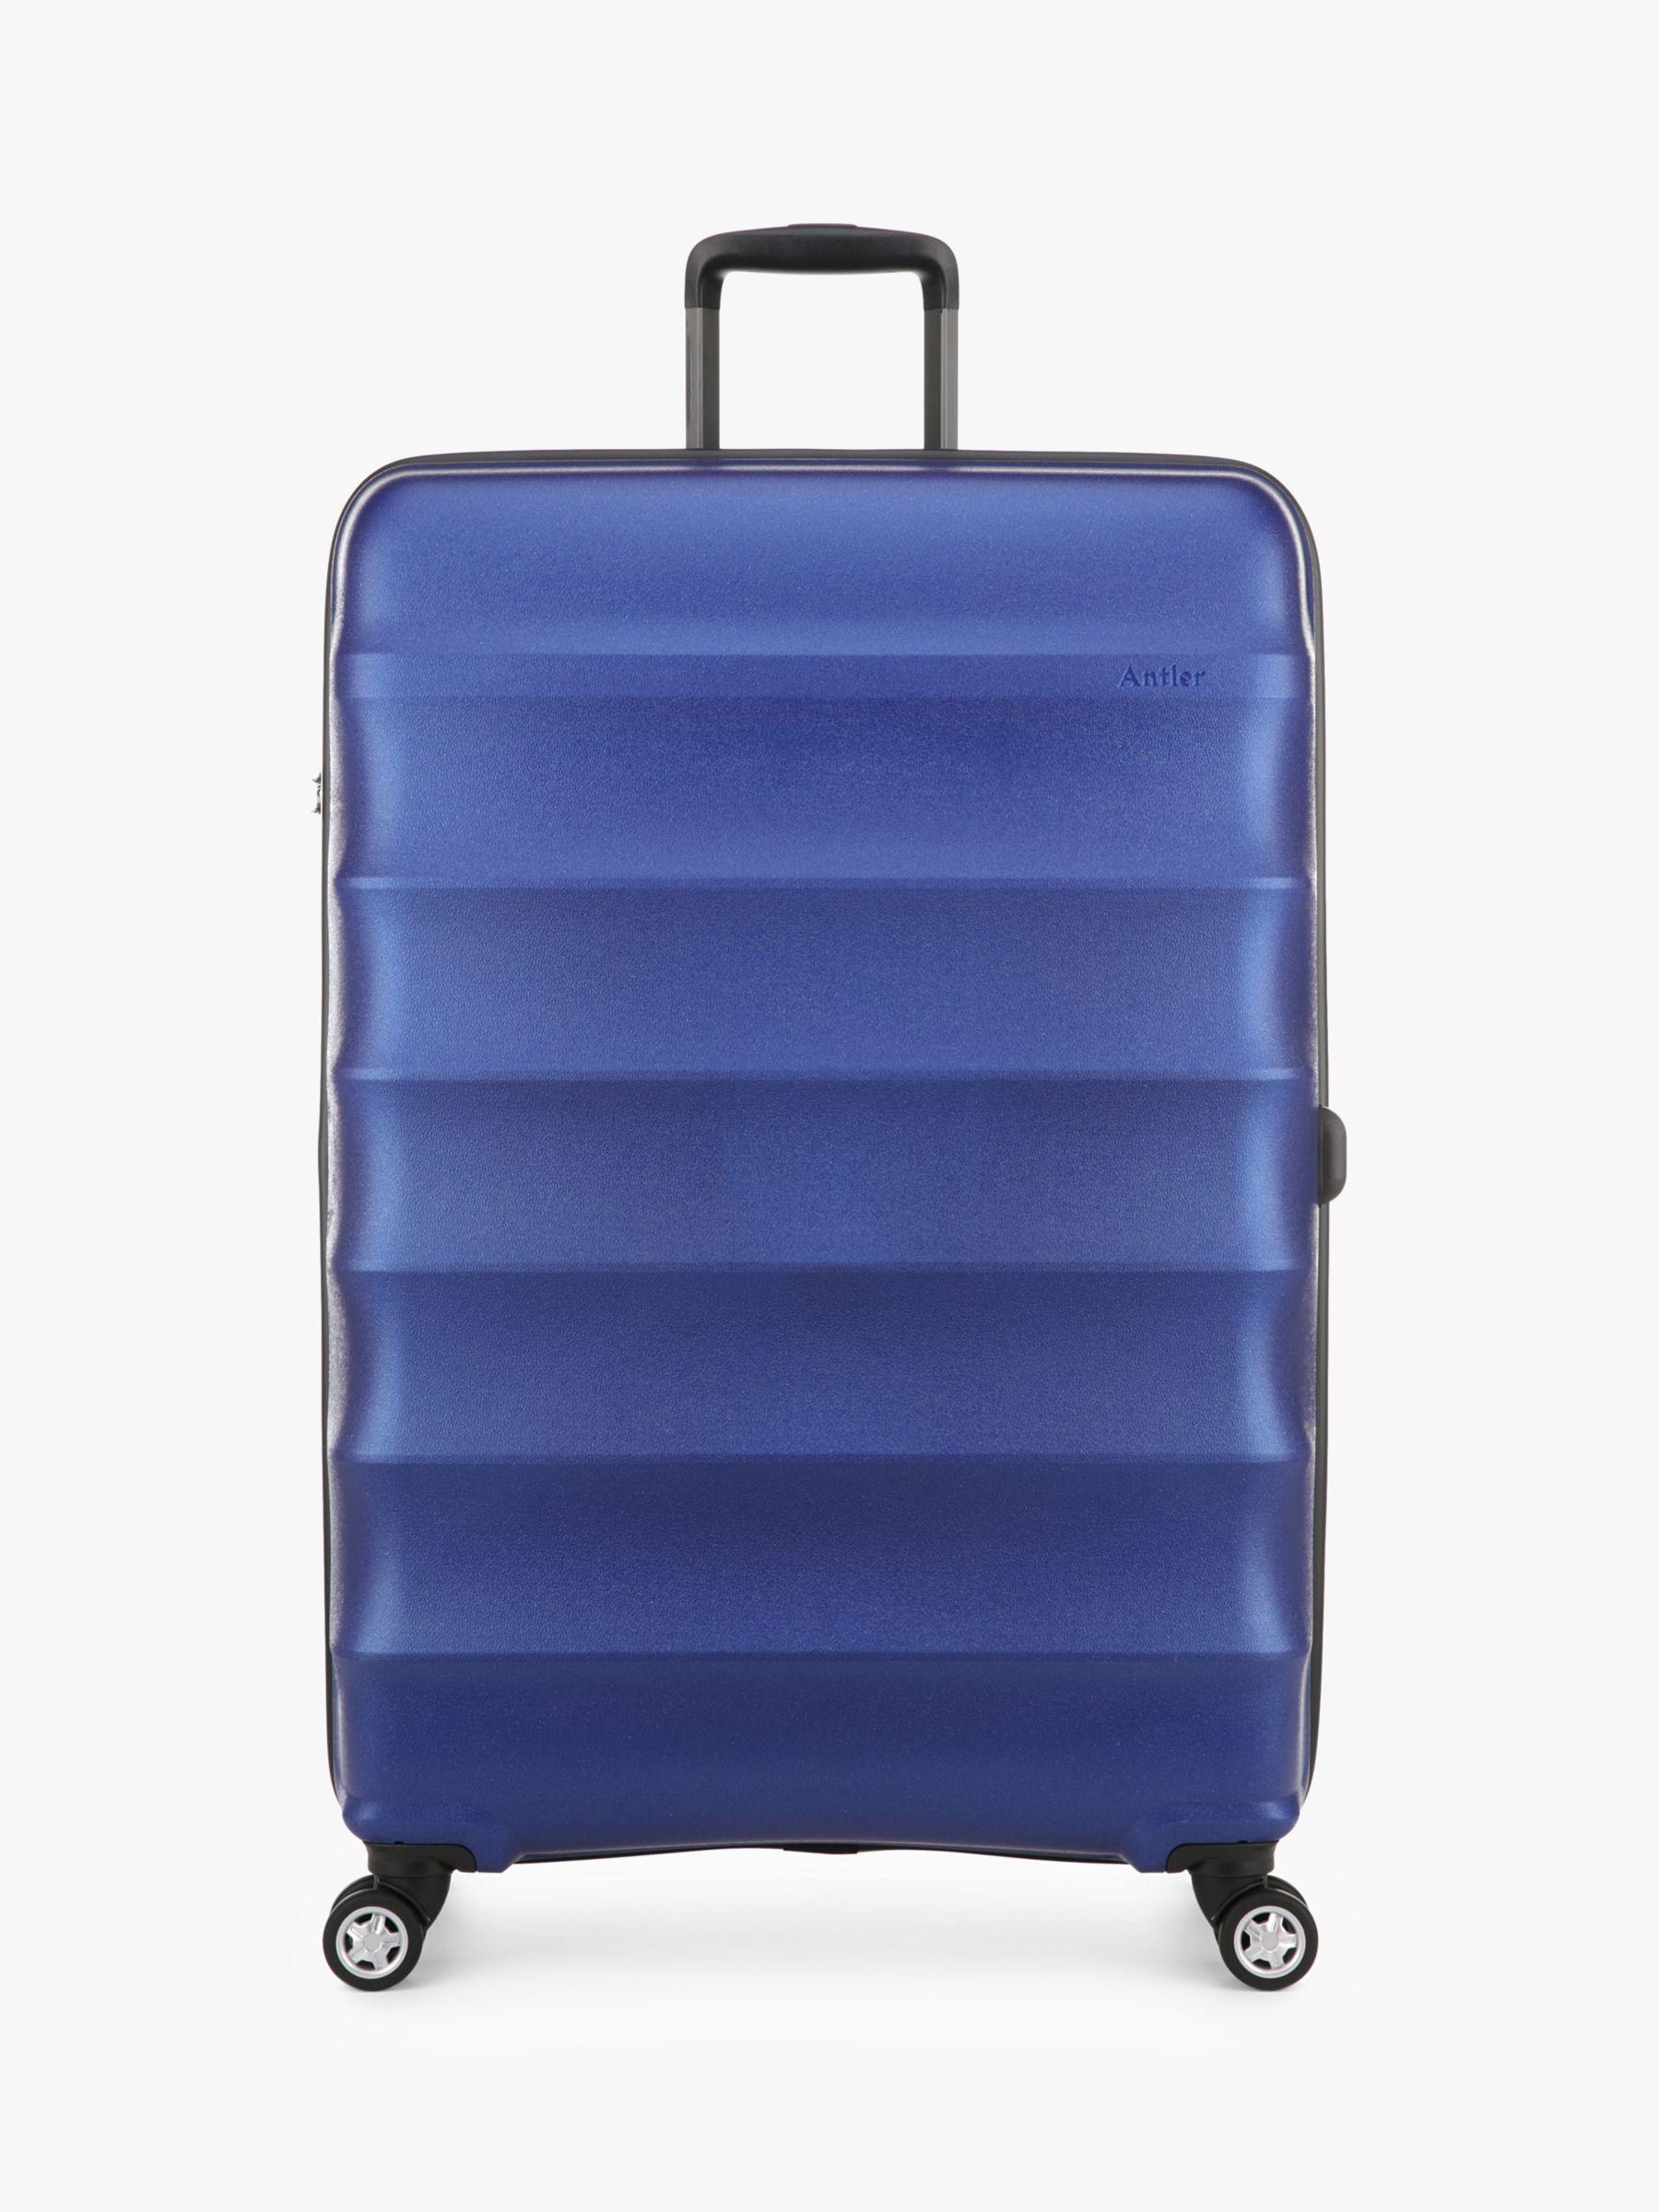 Antler Antler Juno Metallic DLX 4-Wheel 79cm Expandable Large Suitcase